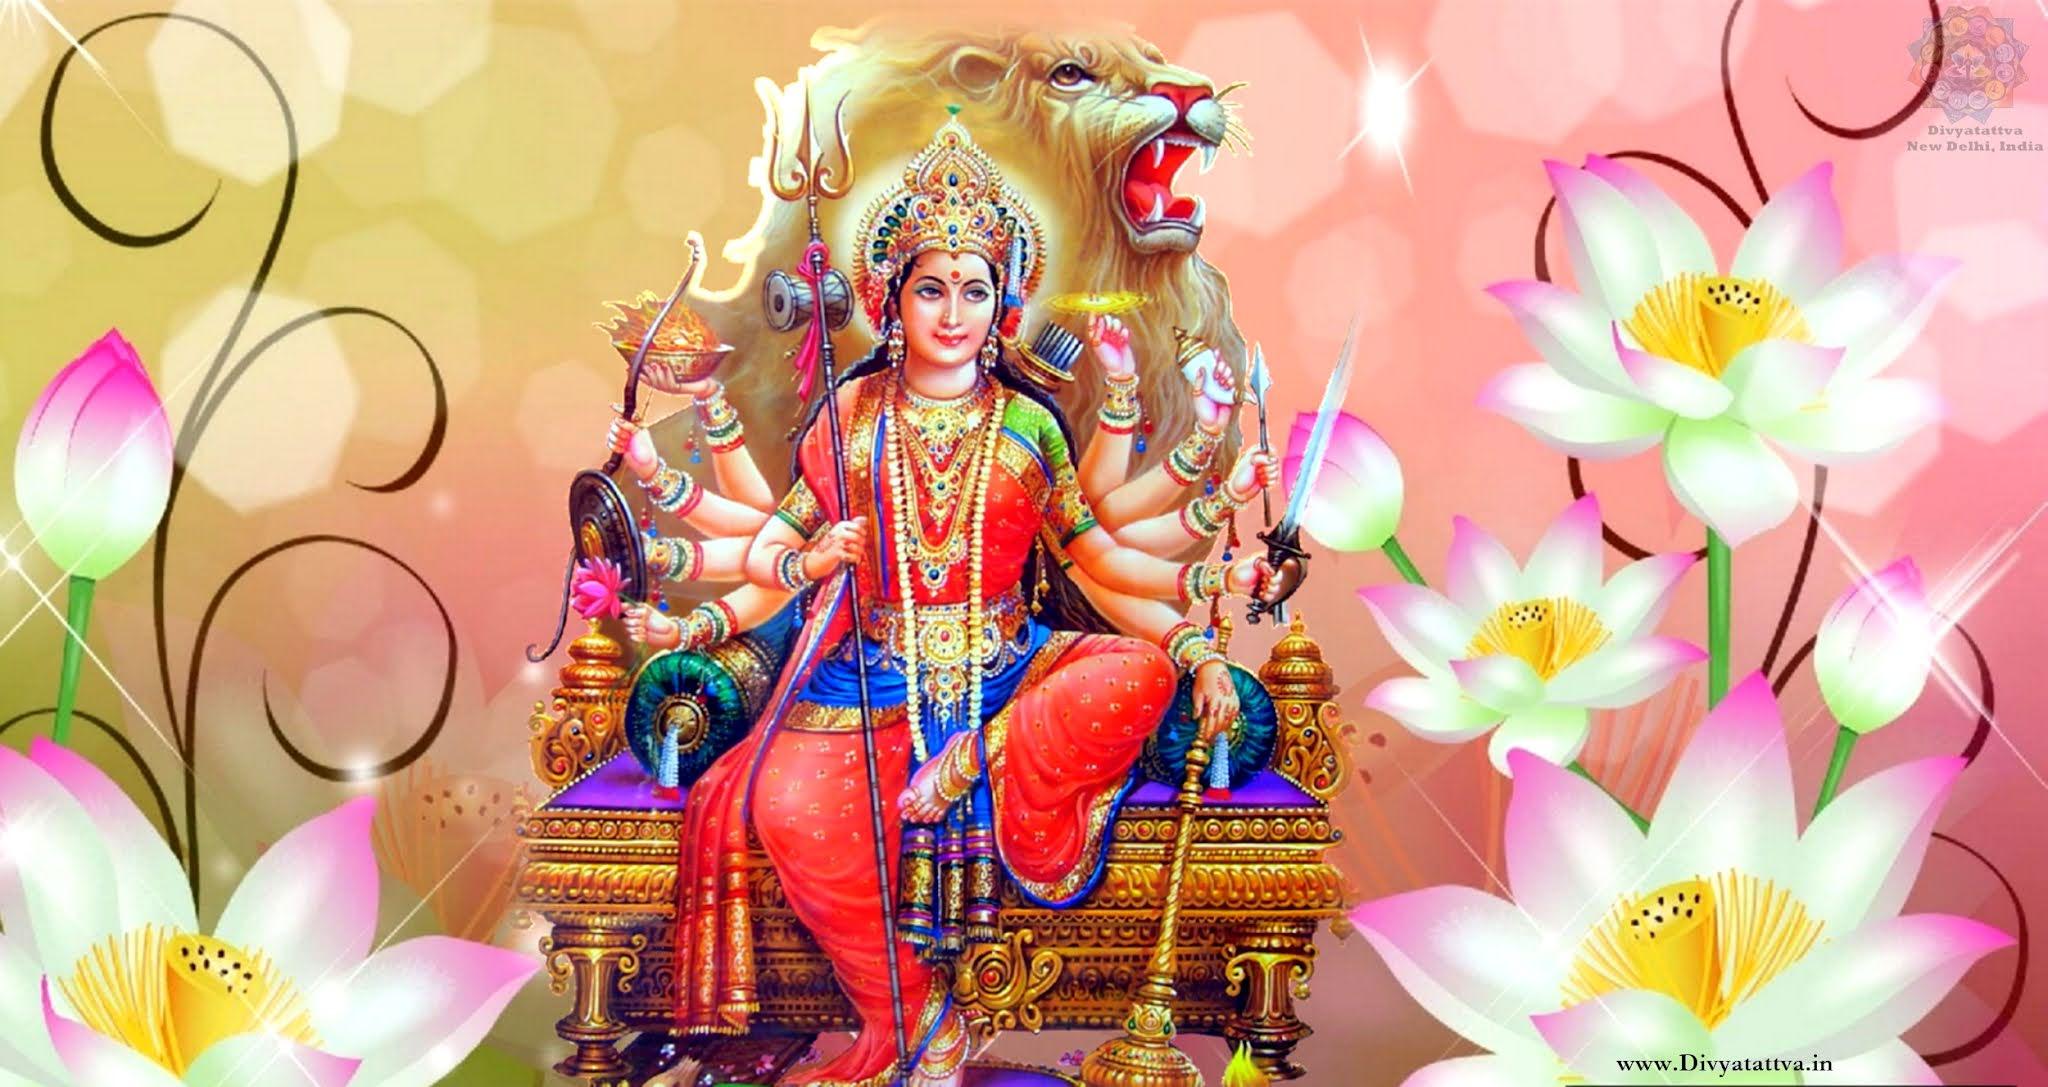 Beautiful Wallpapers of Goddess Shailputri,  Brahmacharini, Chandraghanta, Kushmanda, Skandmata, Katyayani, Kaalratri and Devi Mahagauri